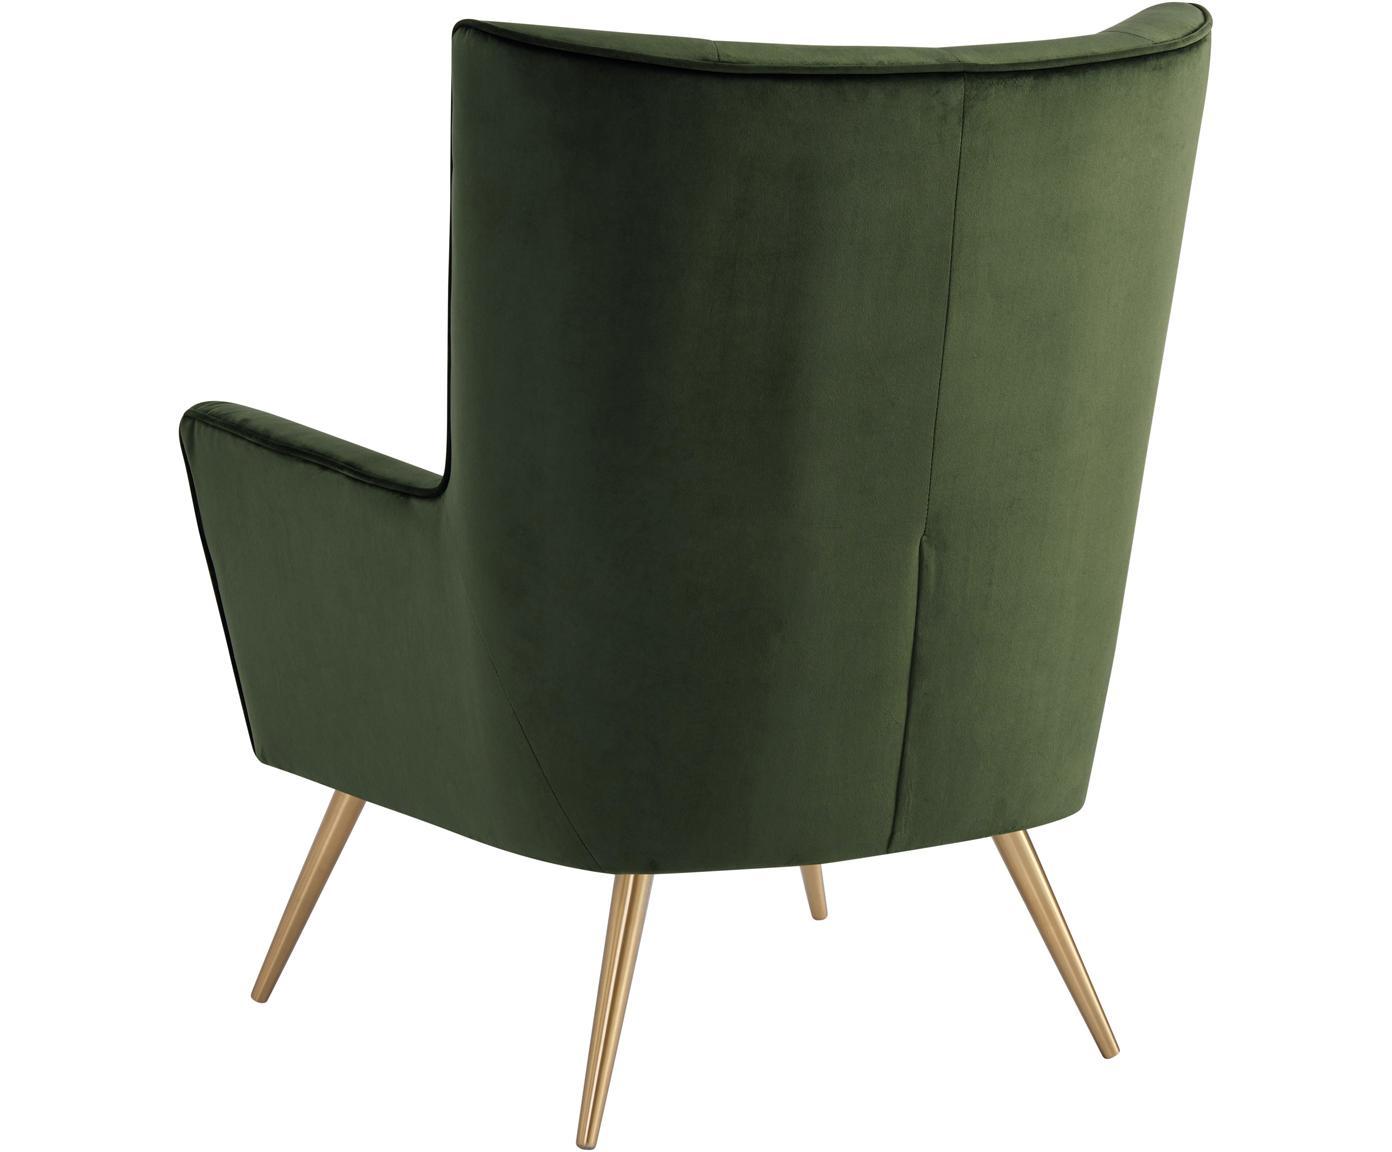 Fotel uszak z aksamitu Bodiva, Tapicerka: poliester (aksamit), Nogi: metal lakierowany, Zielony, odcienie mosiądzu, S 82 x G 88 cm